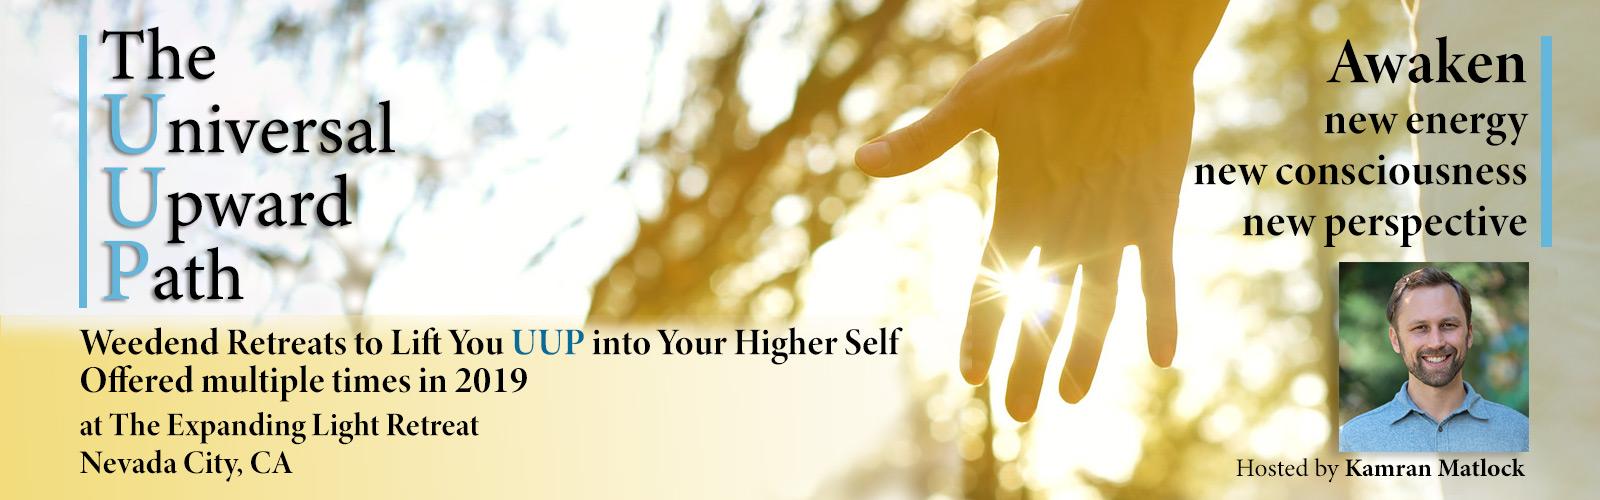 The Universal Upward Path at Expanding Light